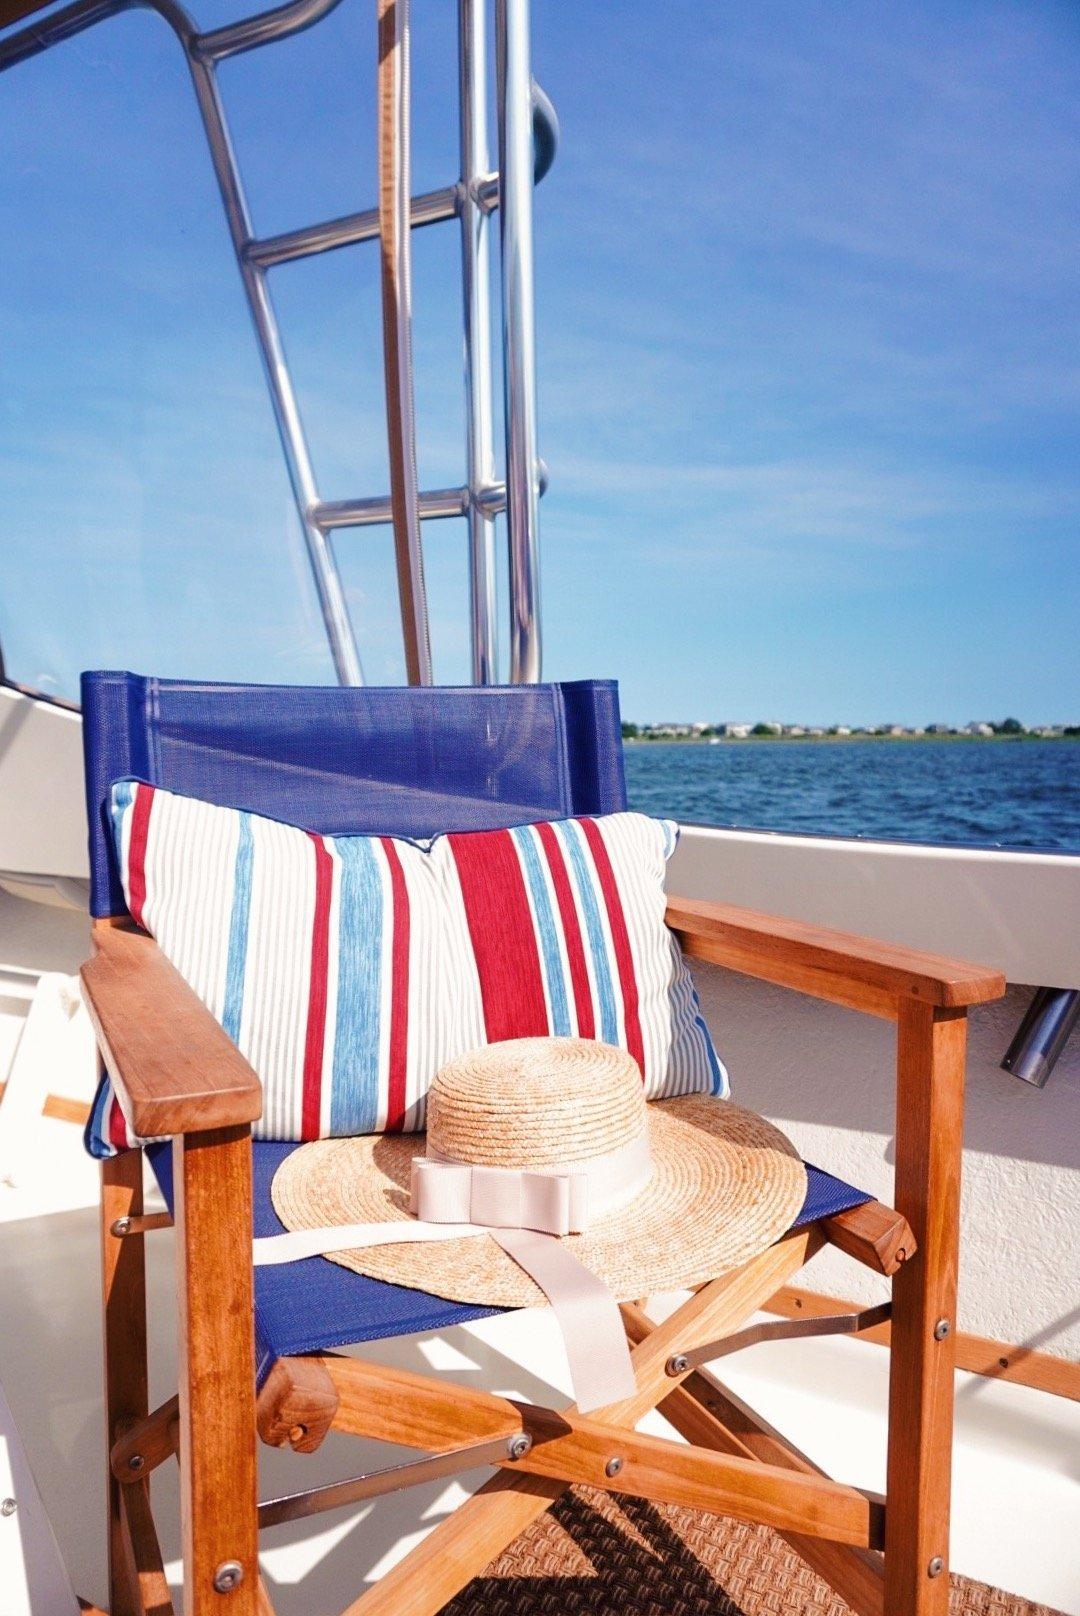 LBI Luxury Charters M/V Relentless